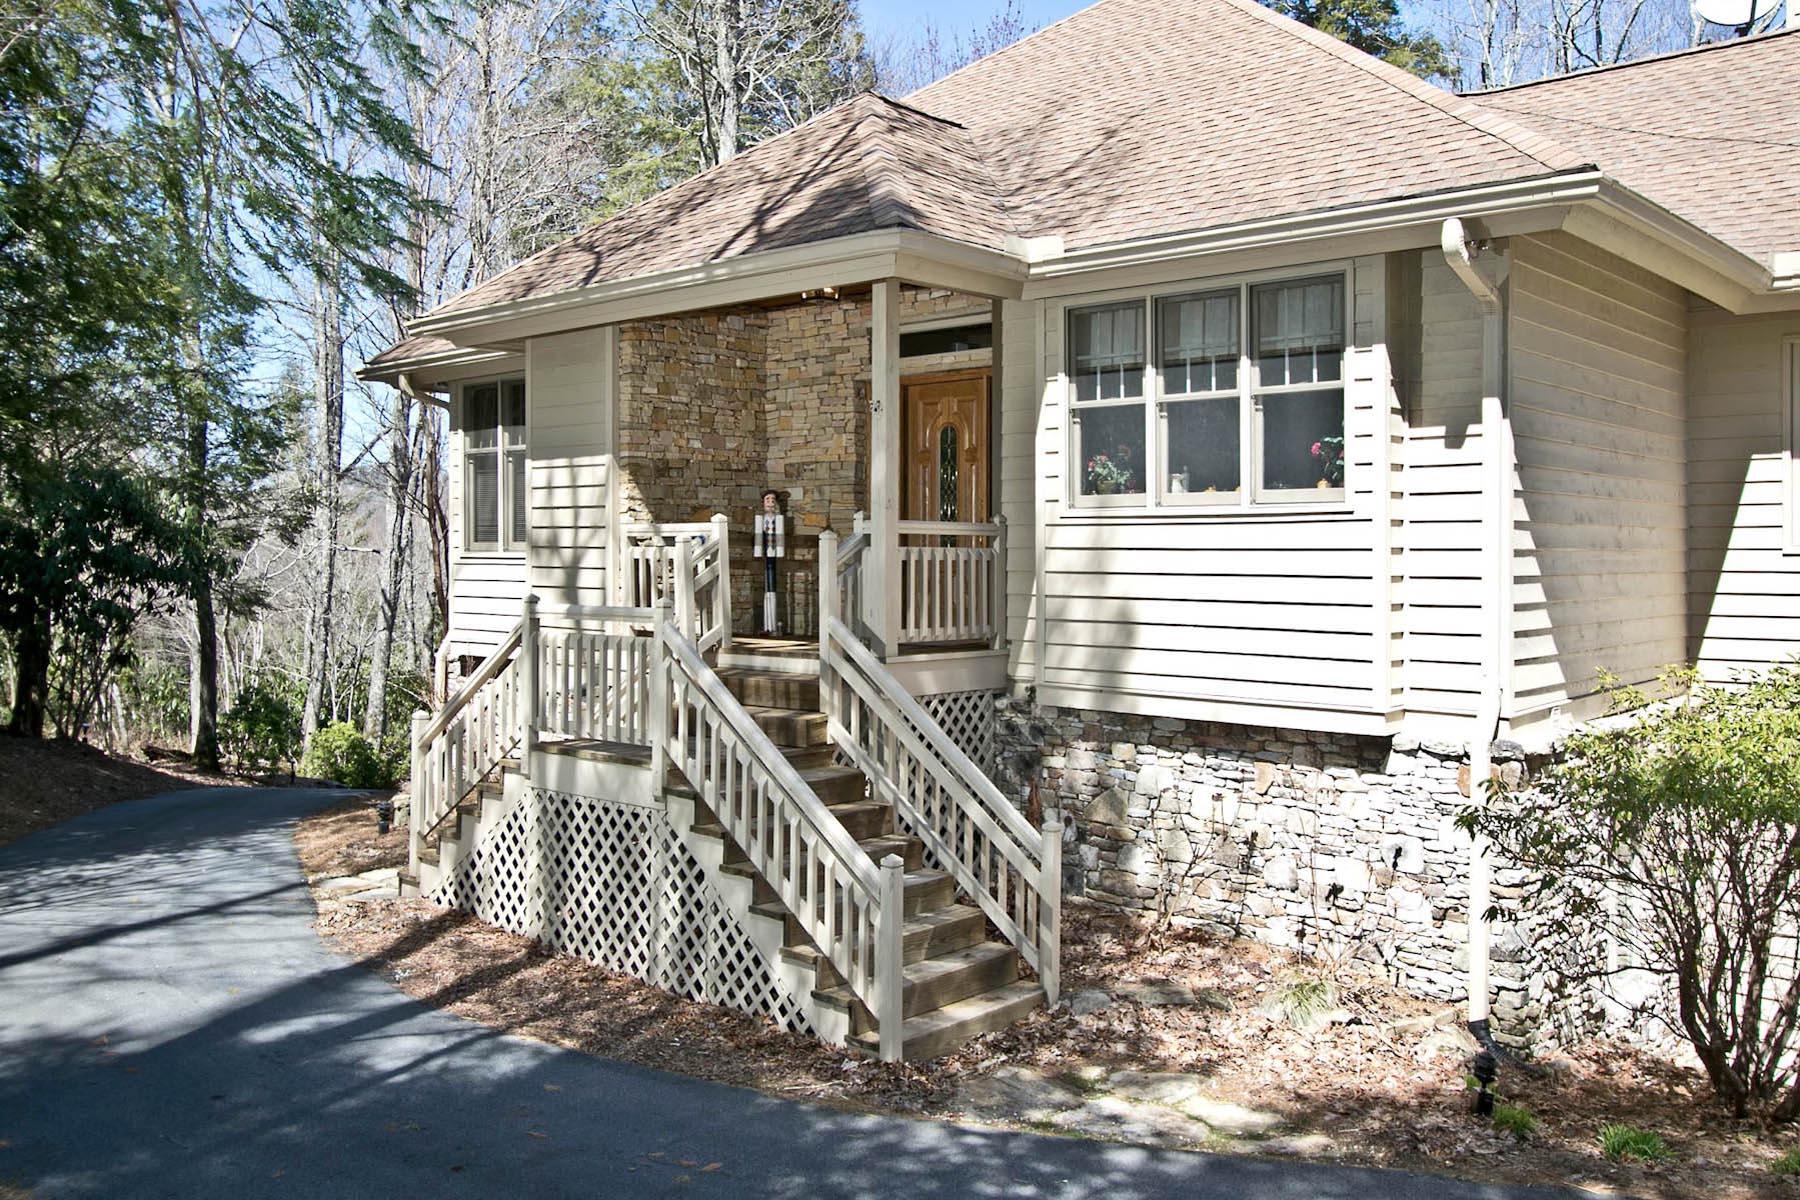 단독 가정 주택 용 매매 에 572 Garnet Rock Trail Highlands, 노스캐놀라이나, 28741 미국